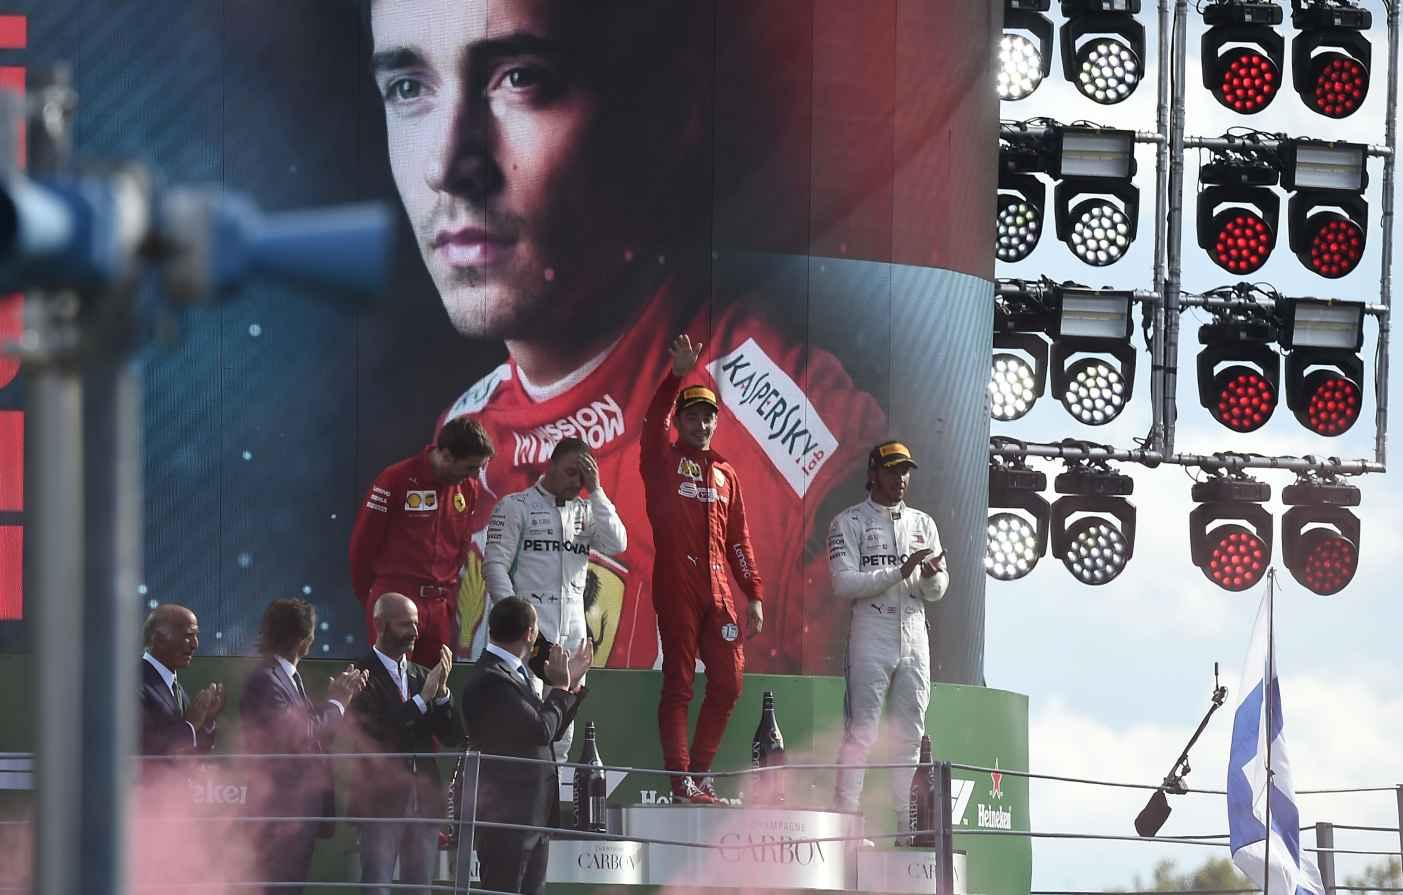 Leclerc gewinnt zum 2. Mal in der Formel 1